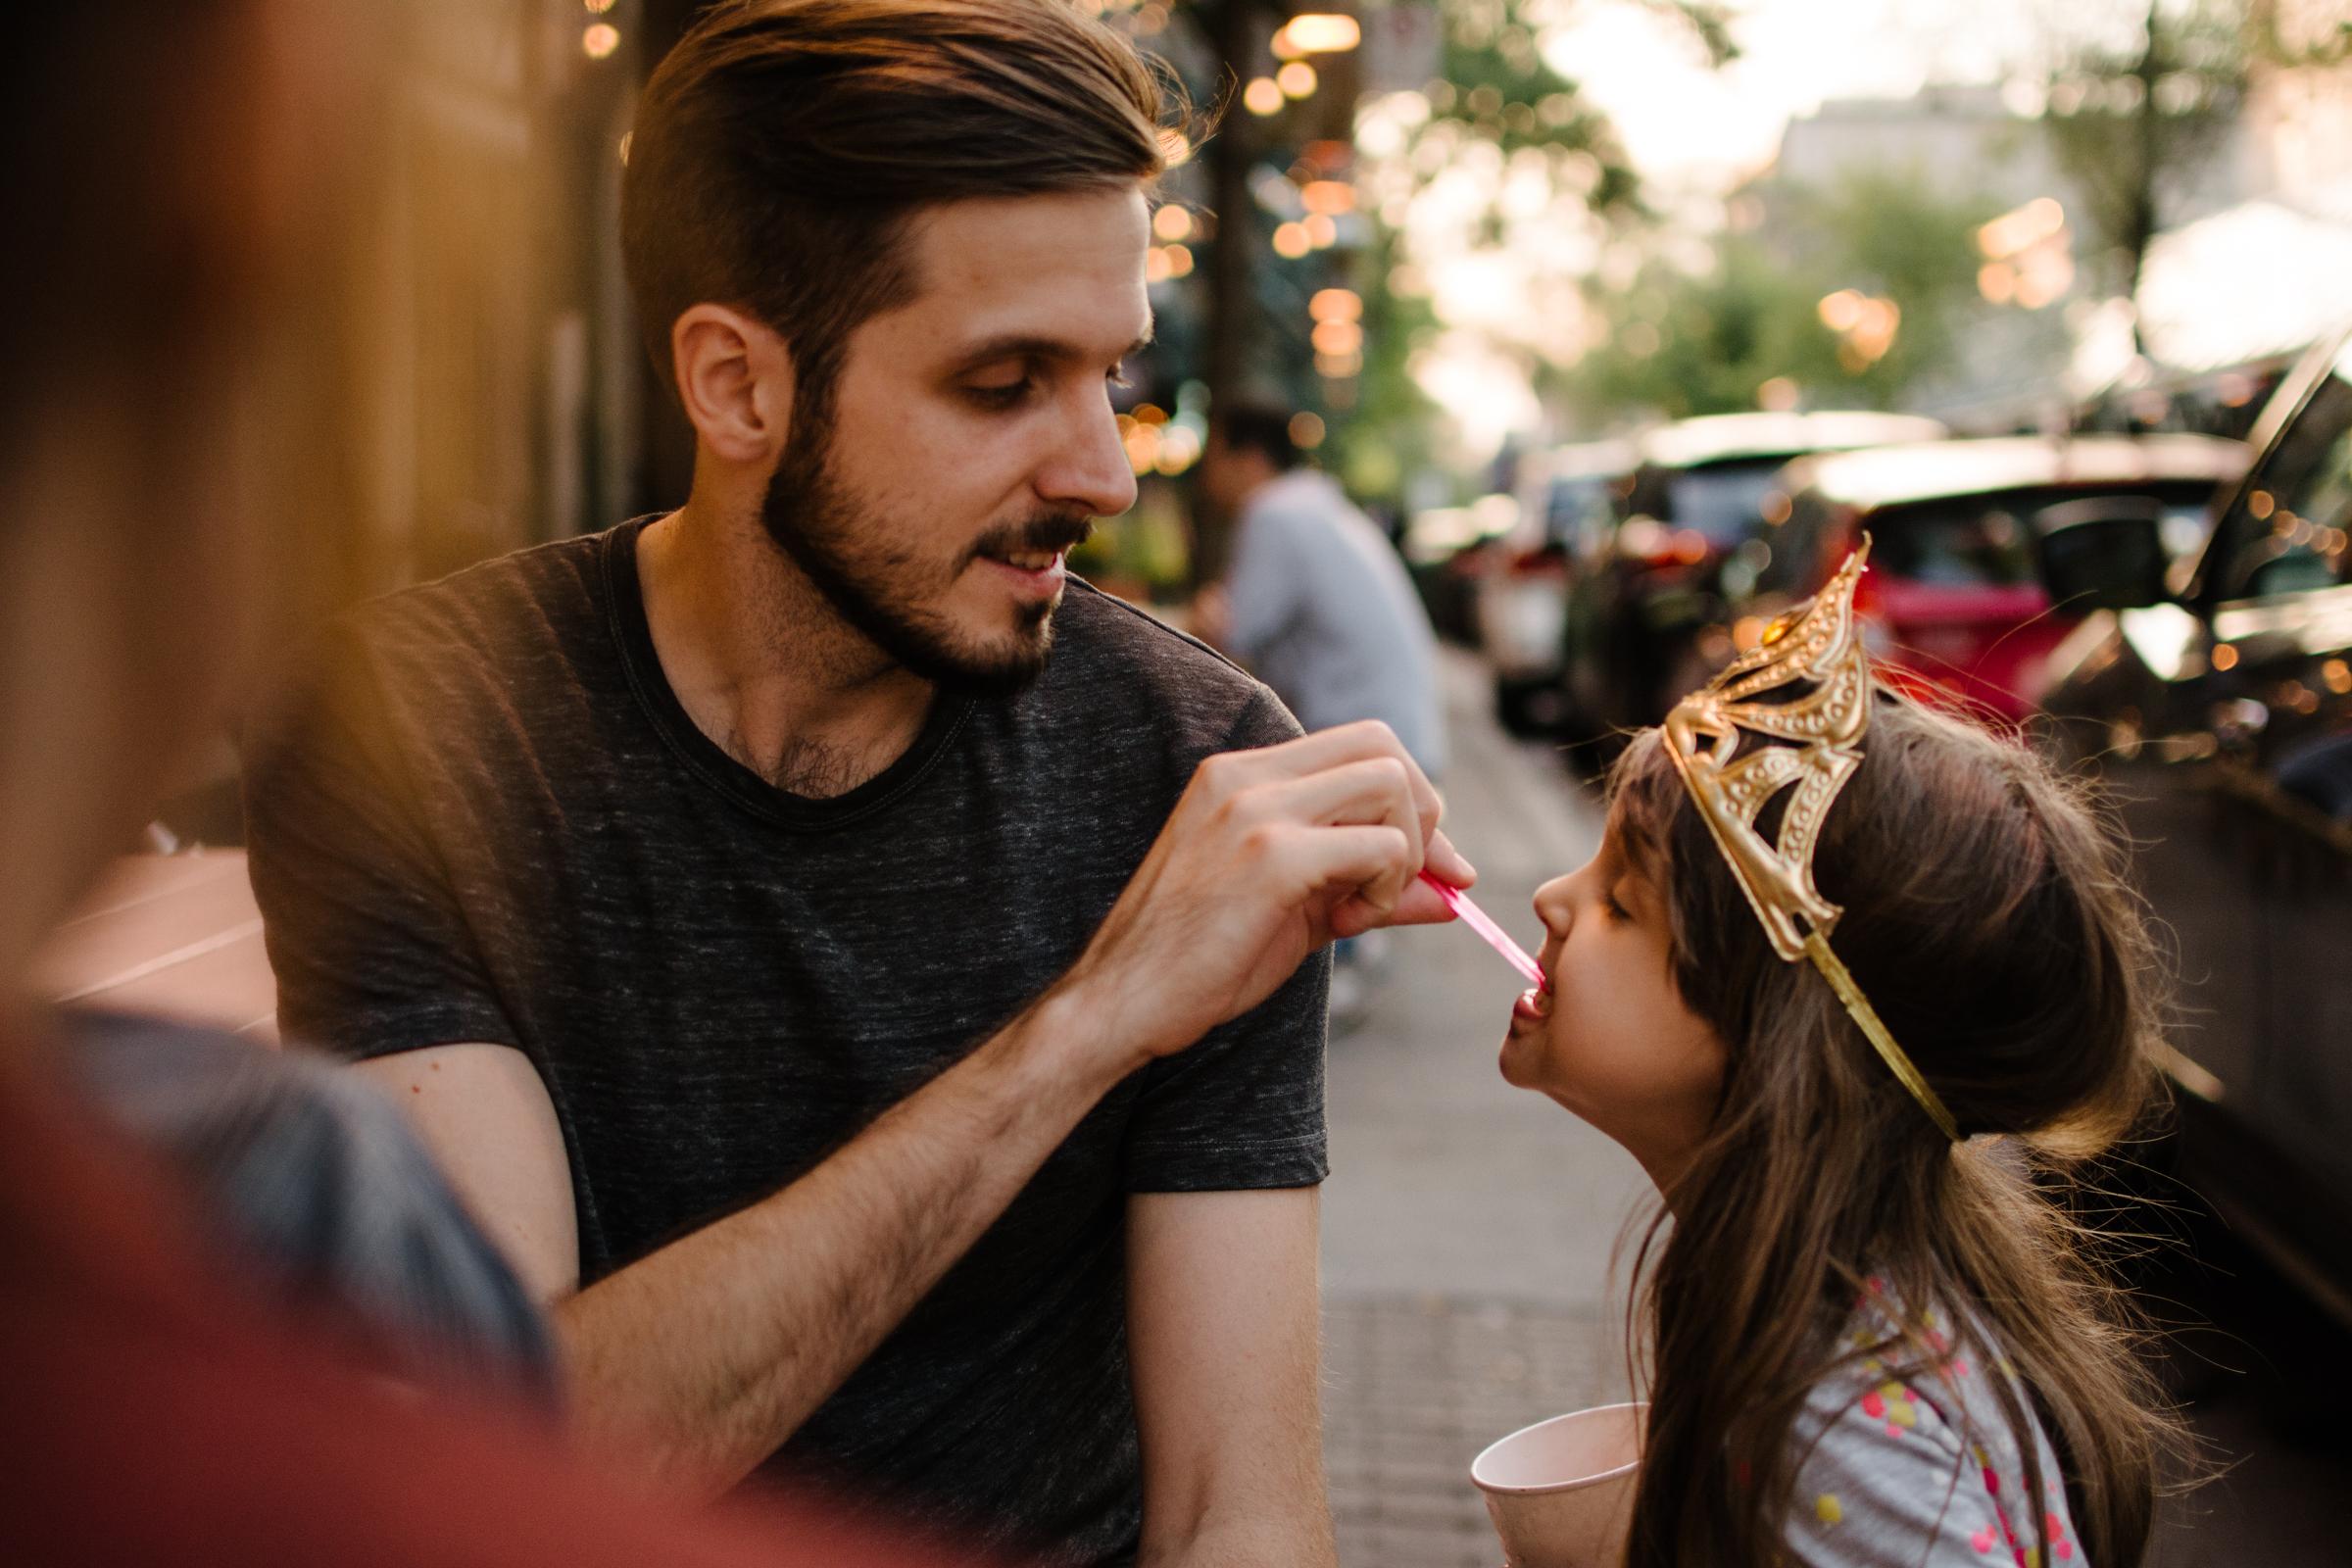 photo-d-un-pere-qui-fait-manger-de-la-gelato-a-sa-fille-photographe-lifestyle-de-famille-a-montreal-marianne-charland-112.jpg